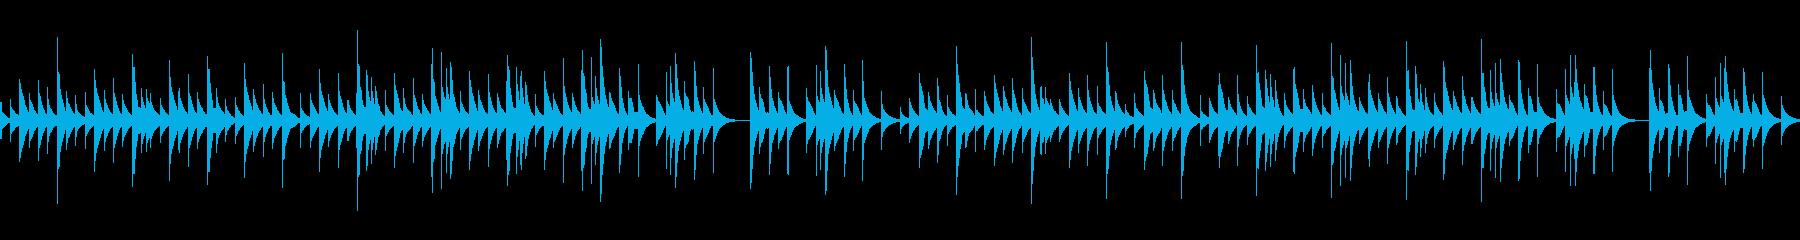 オルゴールで作った洋風ホラー曲です。ル…の再生済みの波形